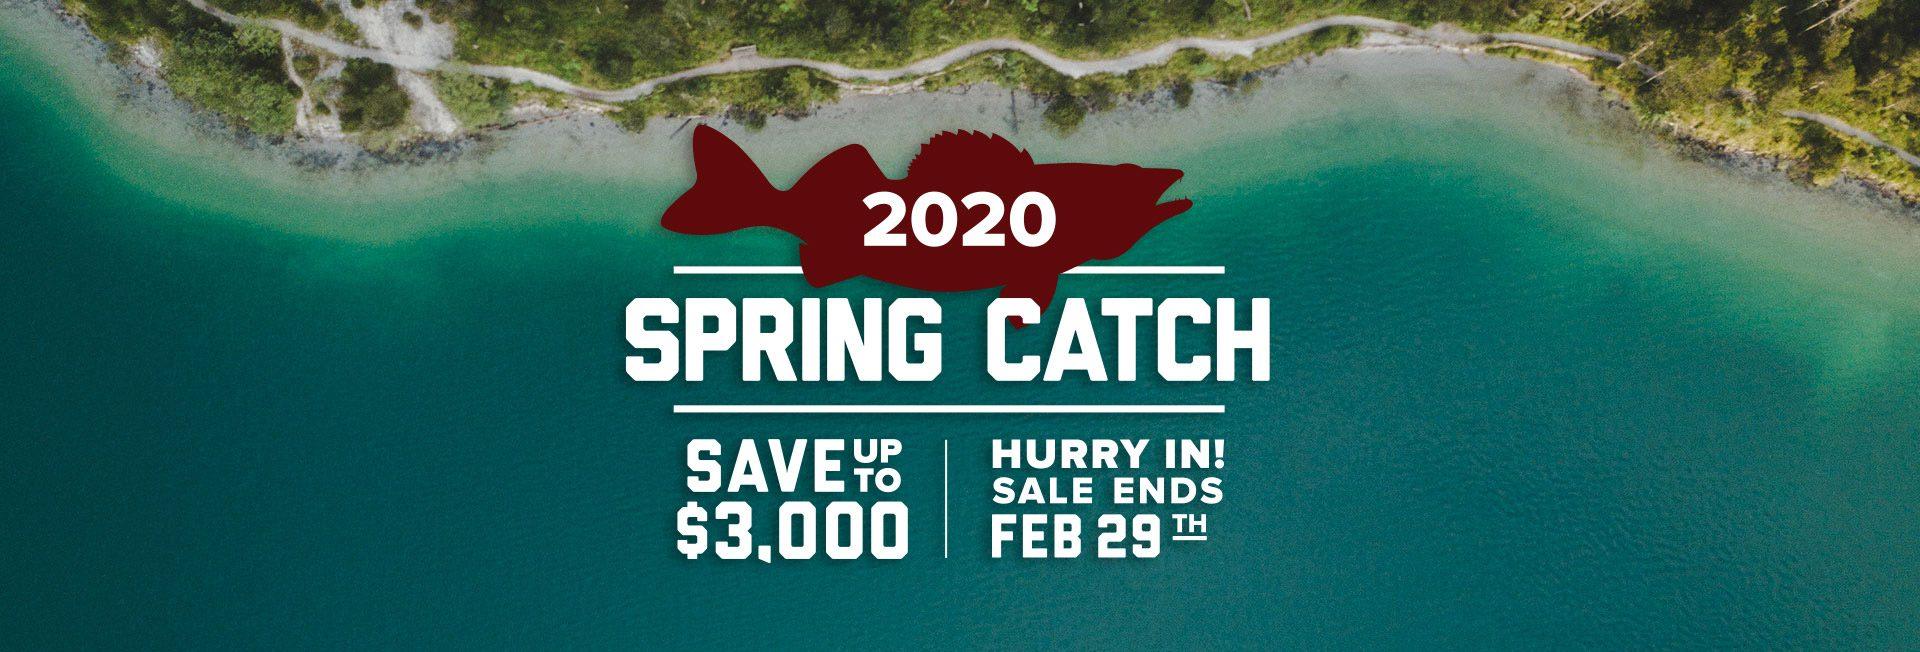 Lund-spring-catch-